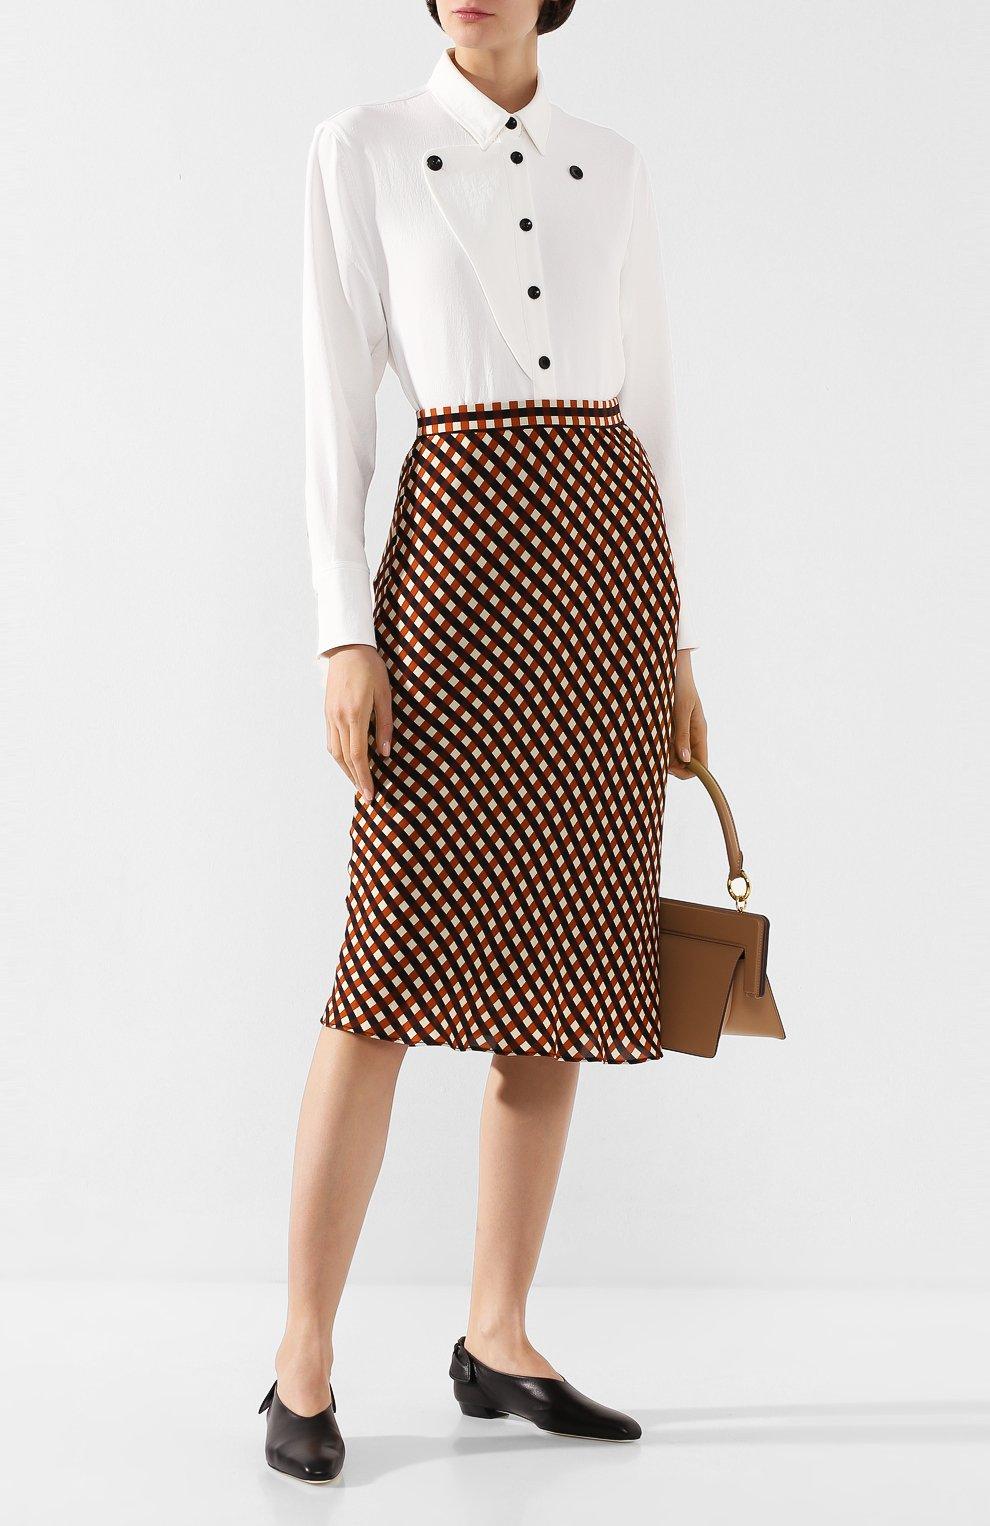 Женская юбка из вискозы PROENZA SCHOULER WHITE LABEL разноцветного цвета, арт. WL2015068-BY151 | Фото 2 (Длина Ж (юбки, платья, шорты): Миди; Материал подклада: Синтетический материал)